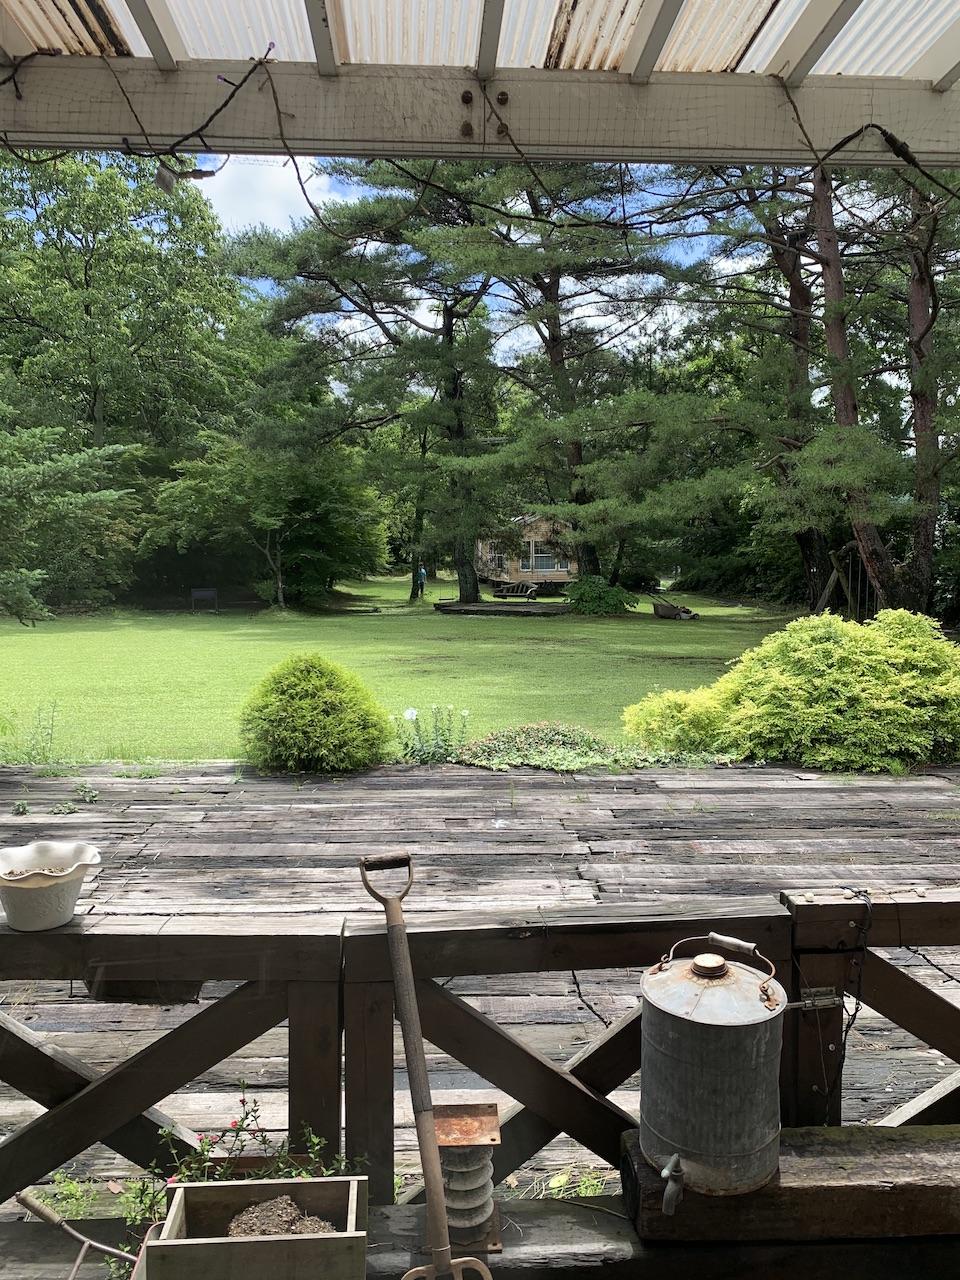 7月8日(水)の森のアトリエ、青空も見える